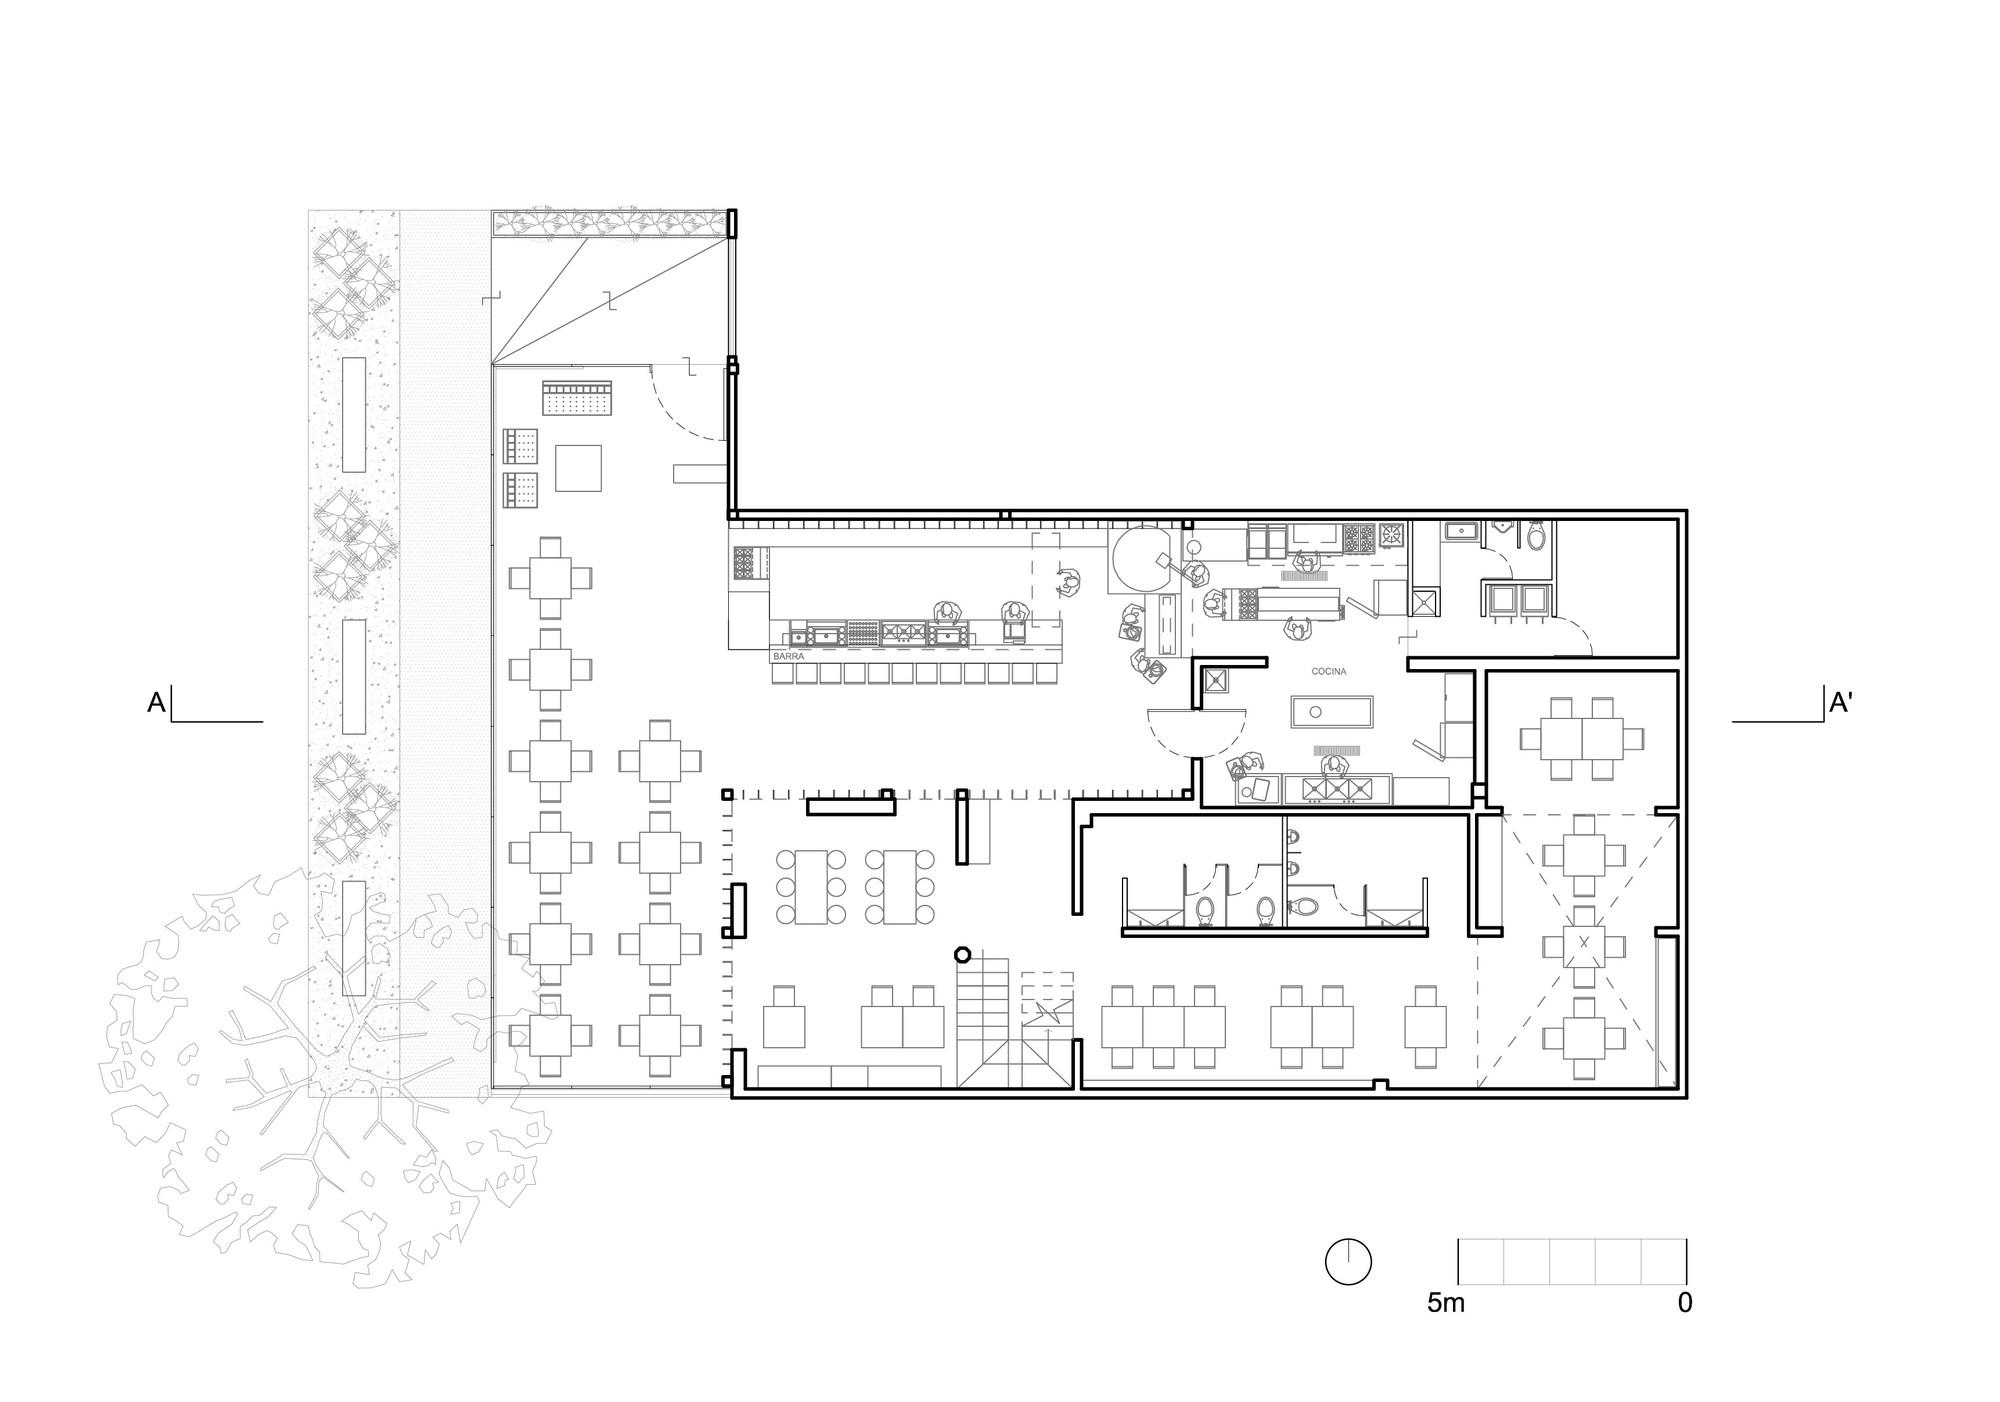 Lc bar regaa estudio arquitectura archdaily for Plan estudios arquitectura